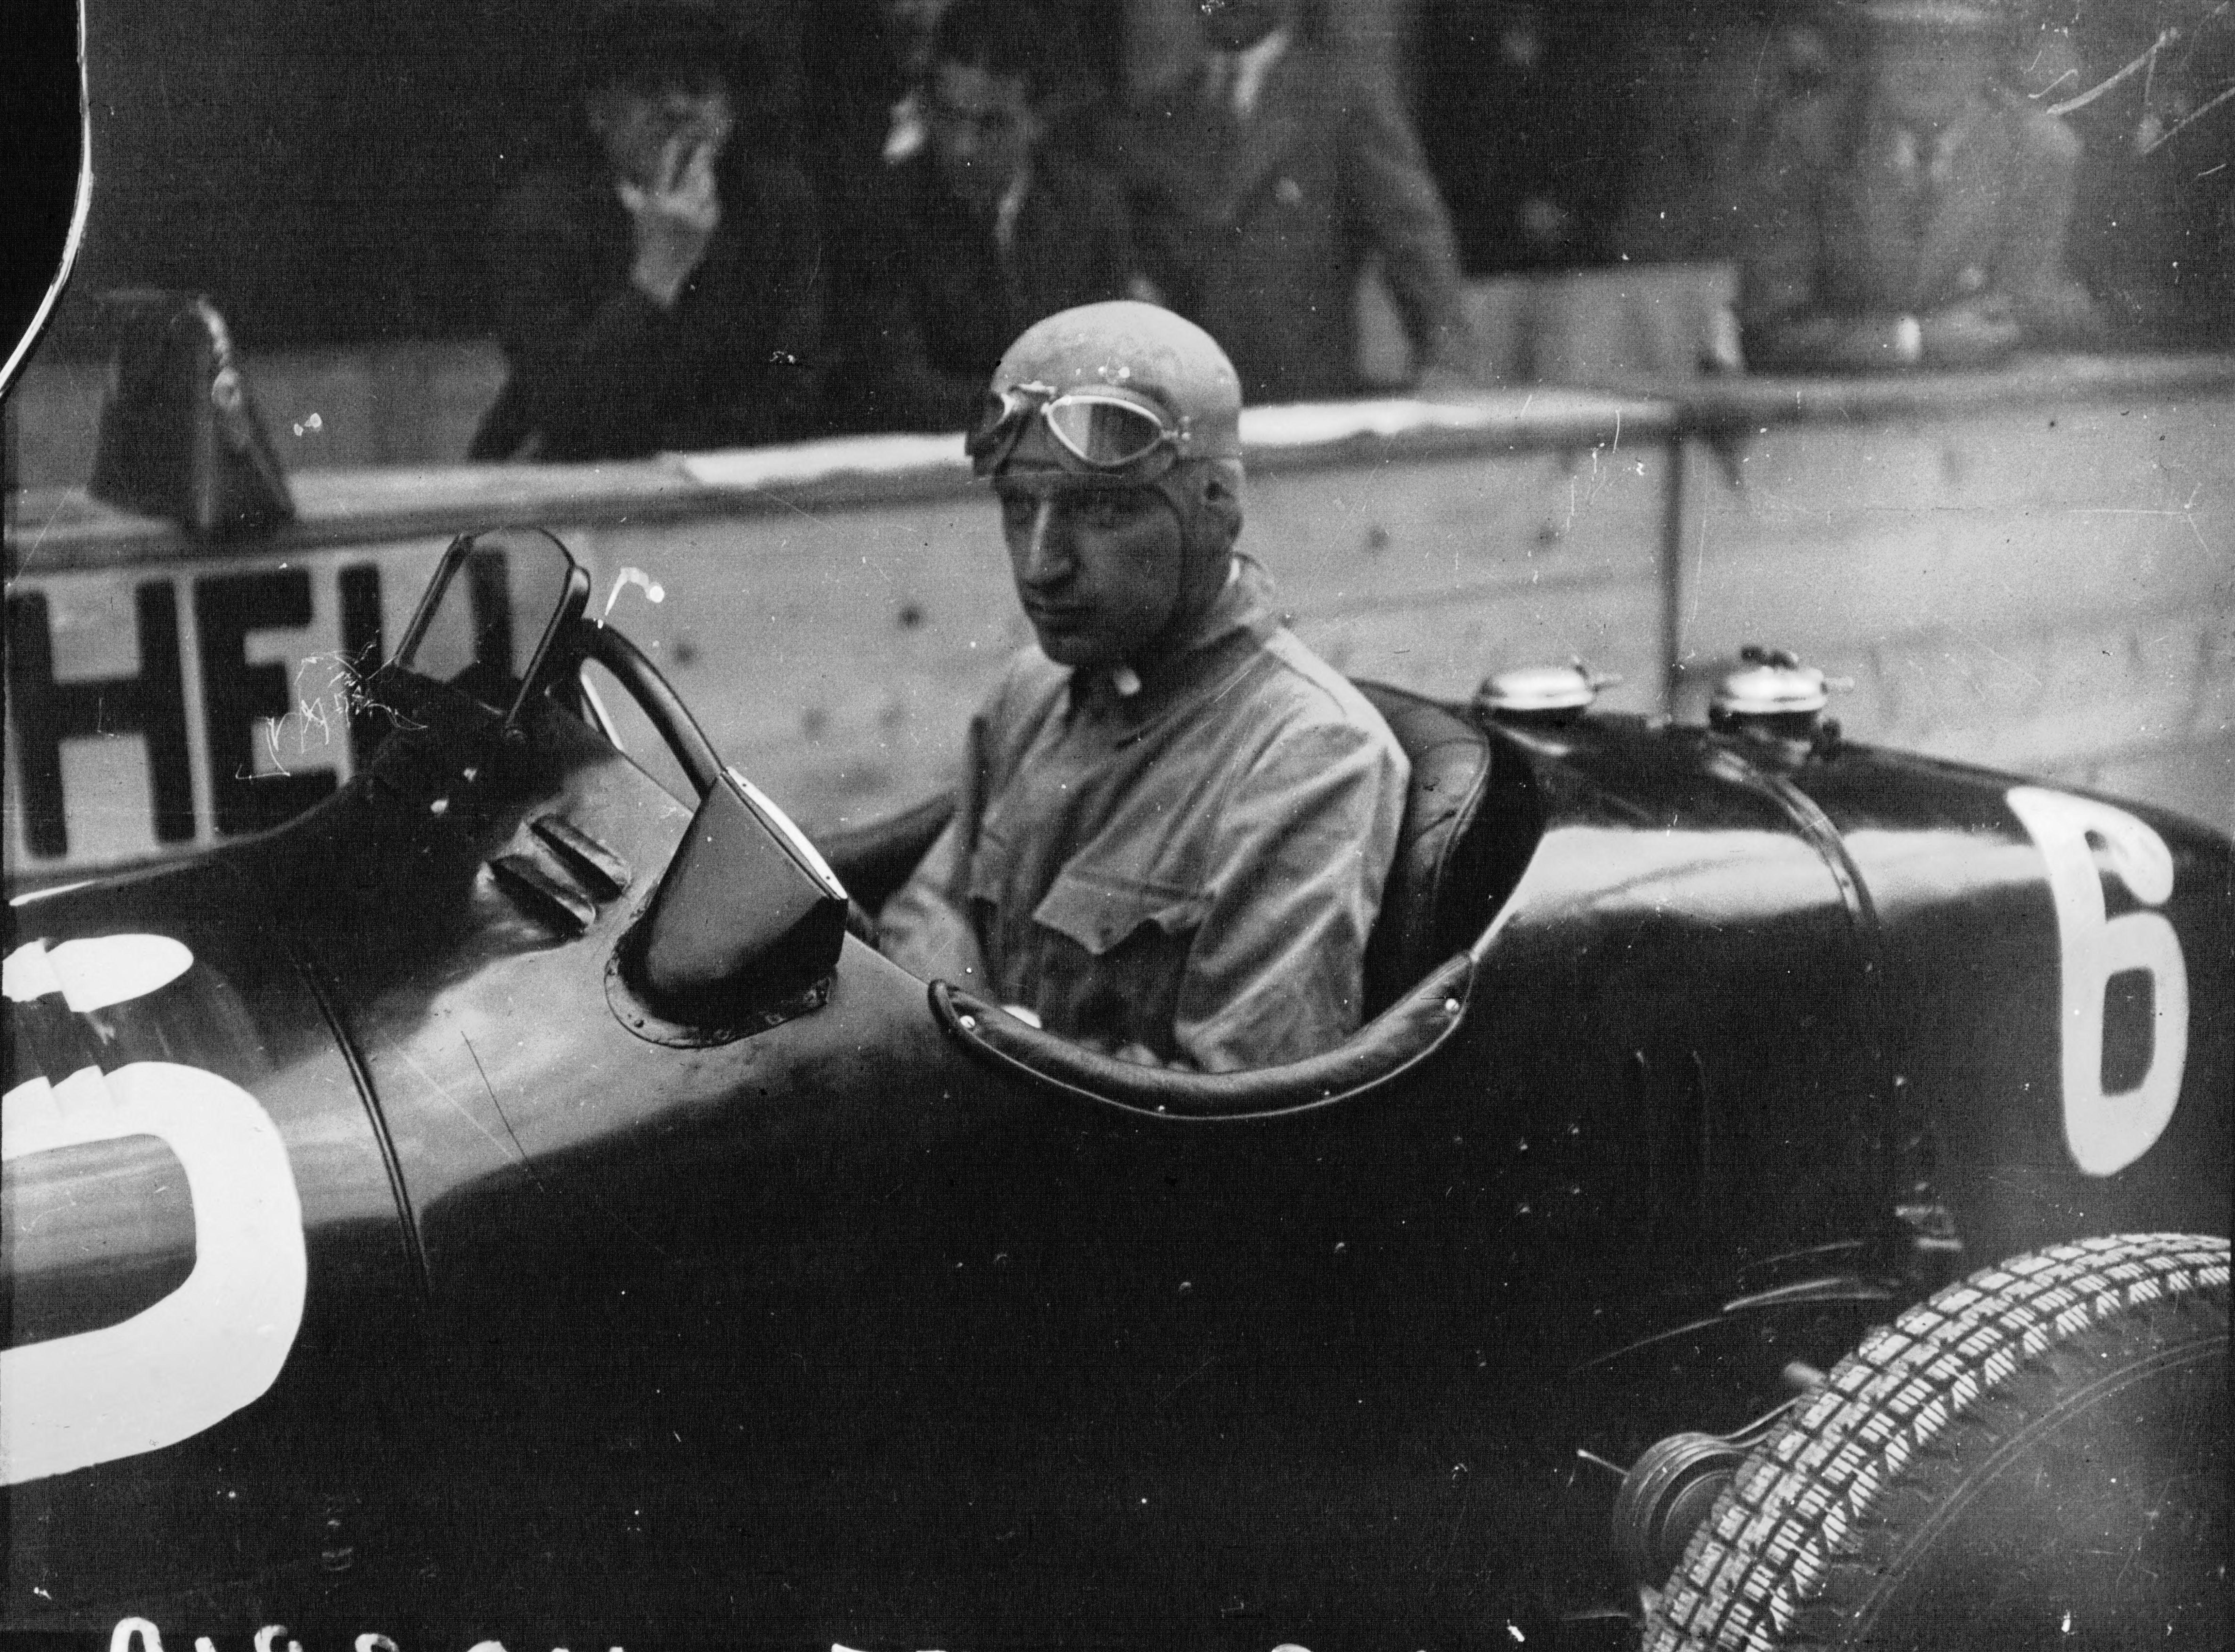 Carlo_Felice_Trossi_at_the_1934_Grand_Prix_automobile_de_Montreux.jpg